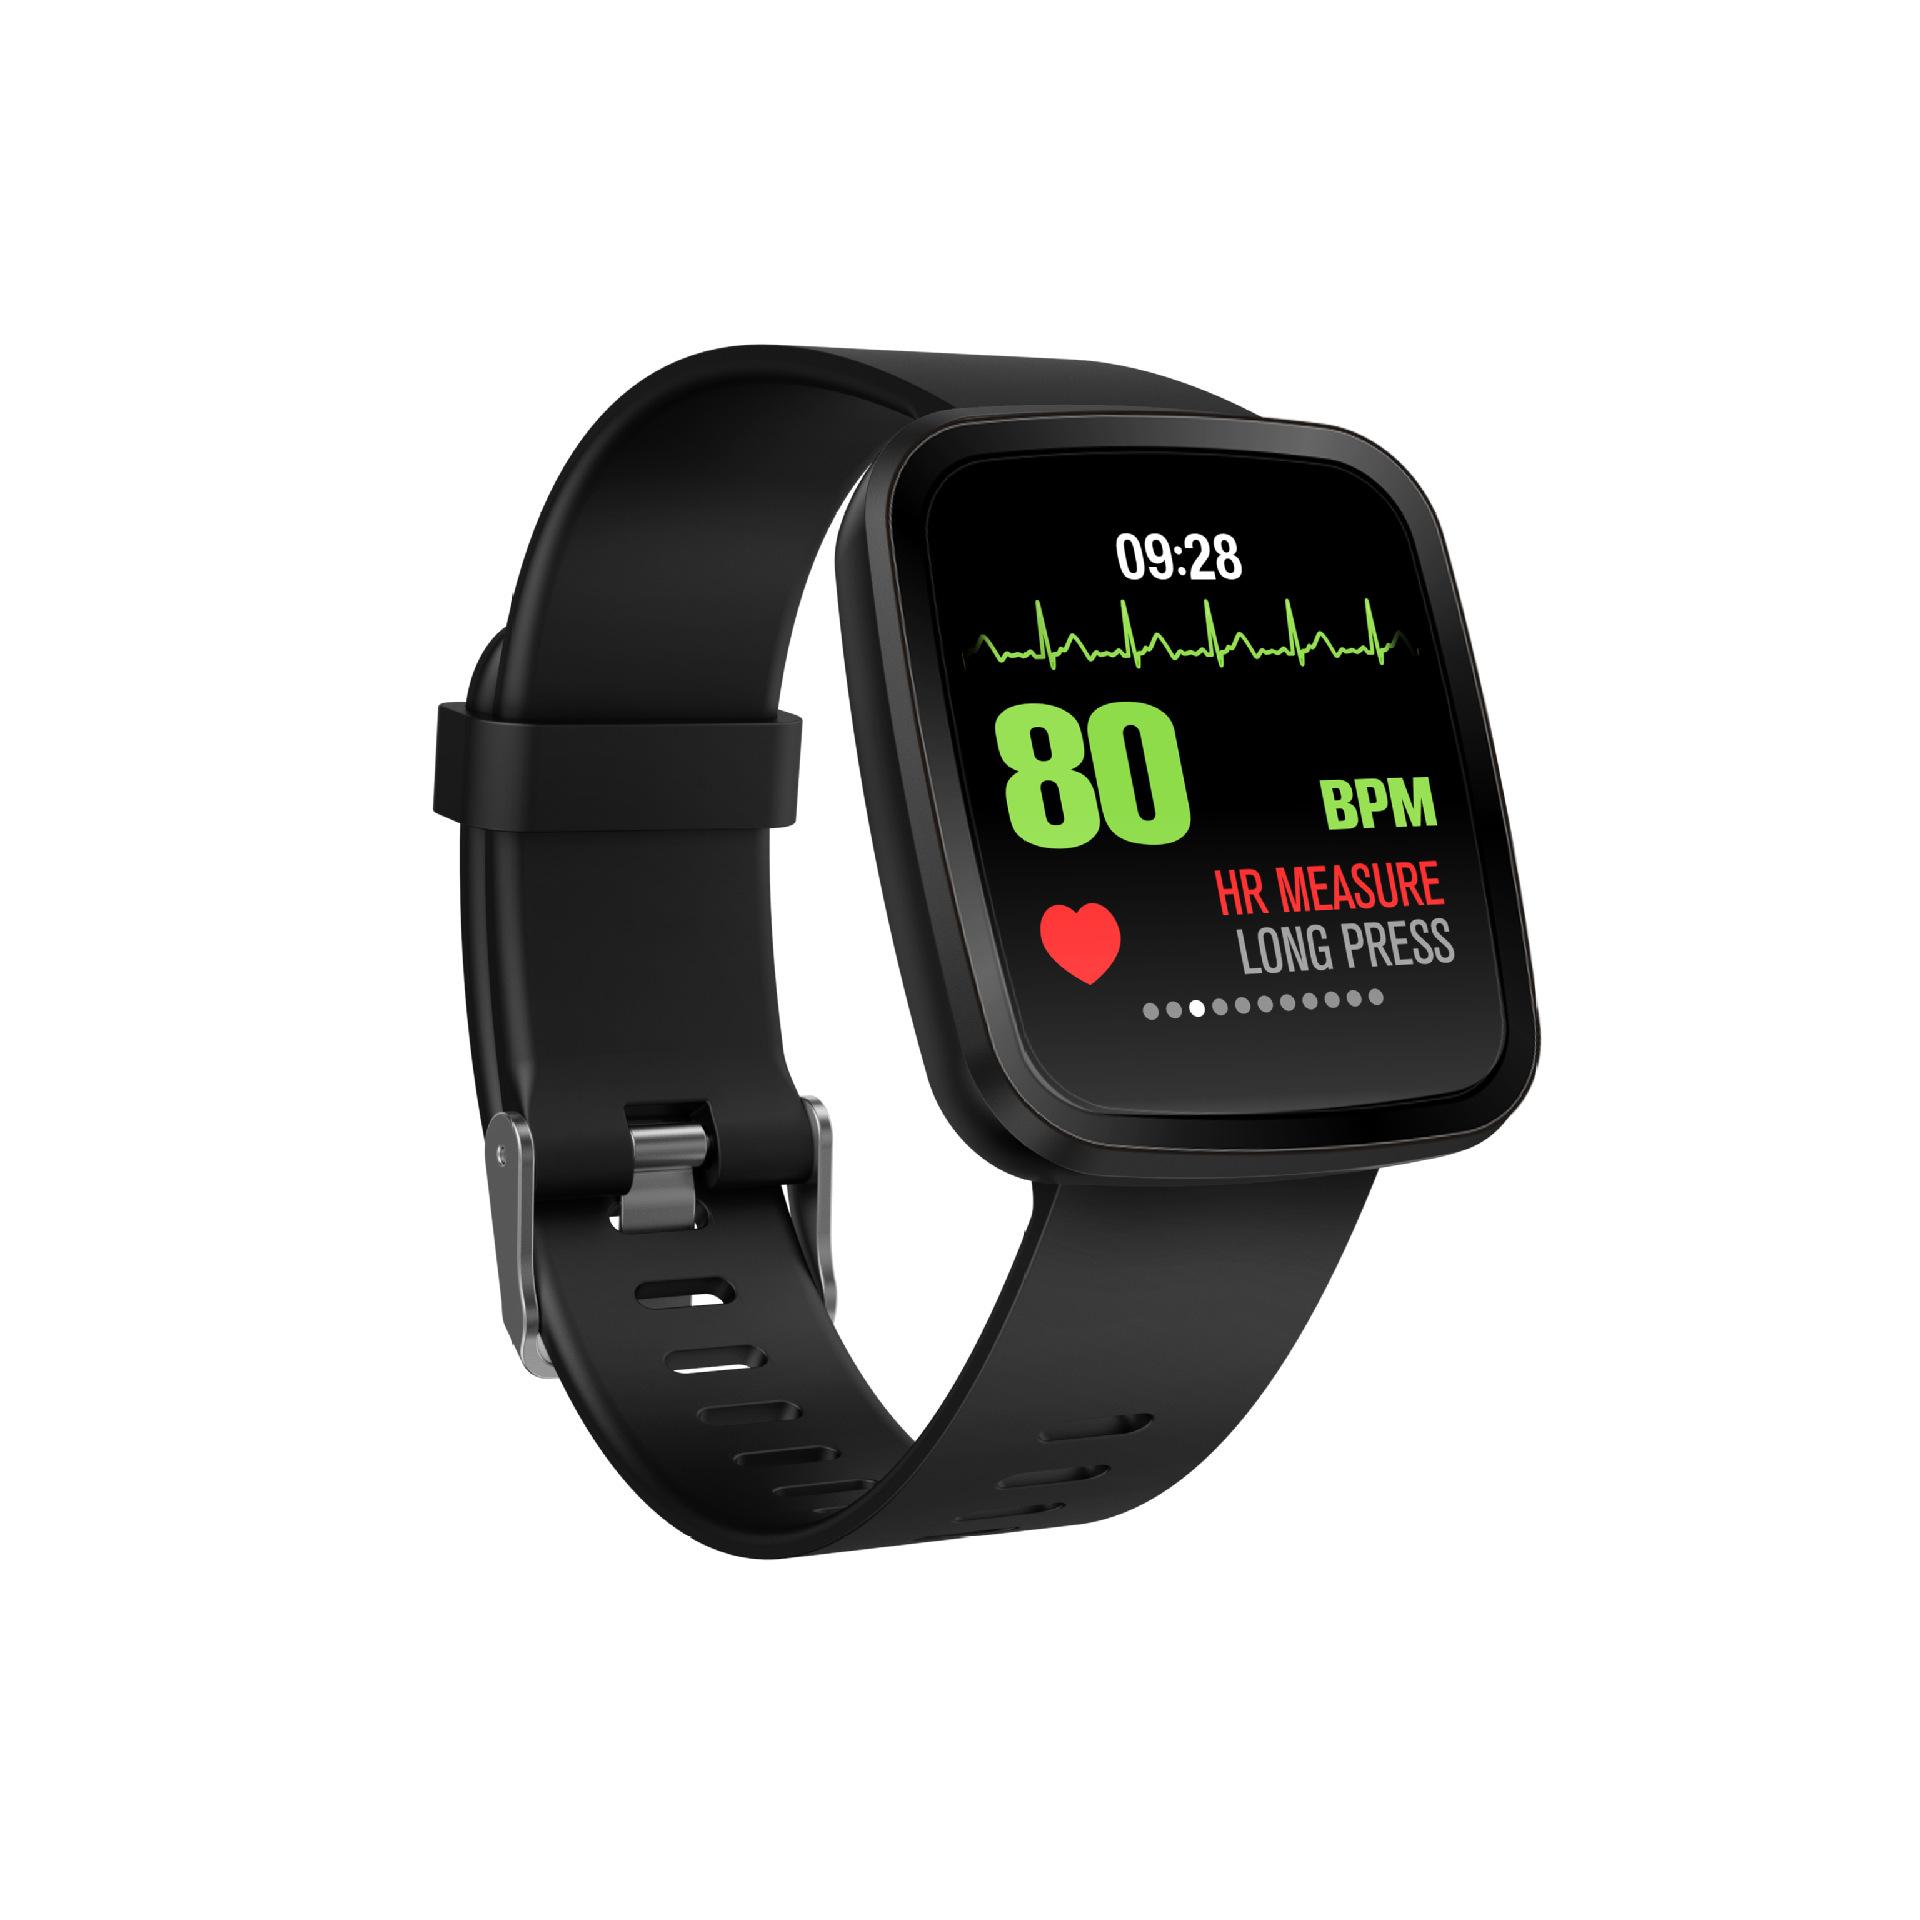 新款V6智能手表手环私模专利1.3寸彩屏心率蓝牙计步瑞都智能原厂